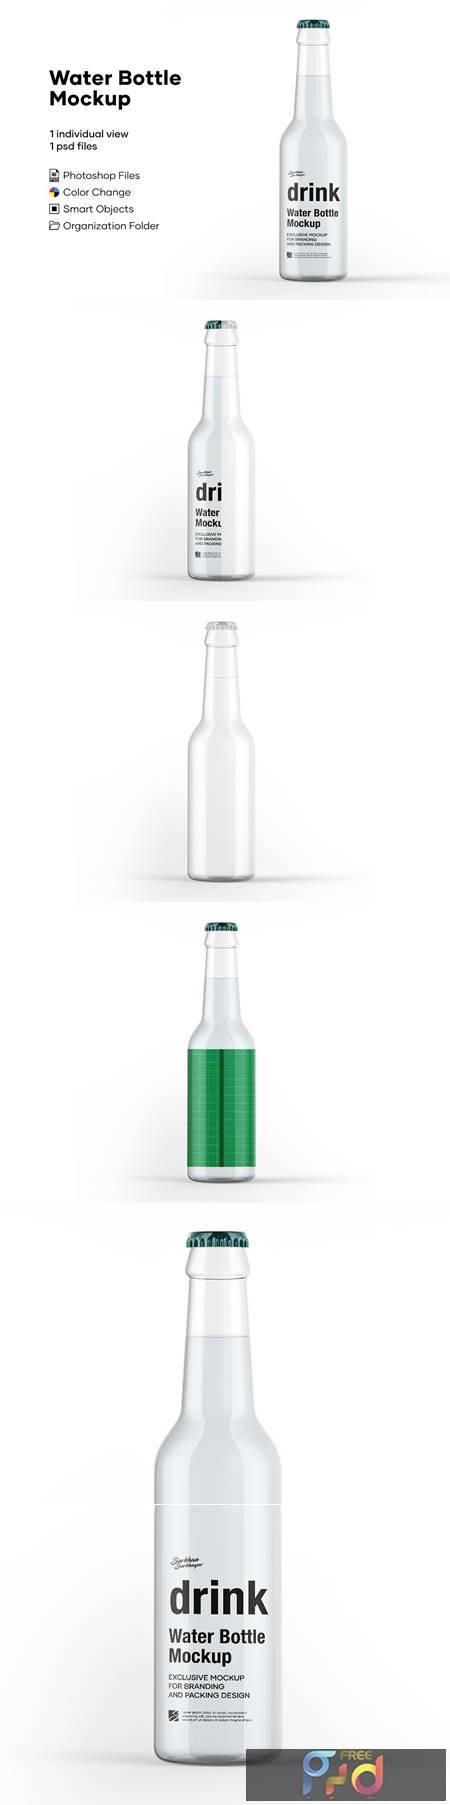 Water Bottle Mockup 5276721 1